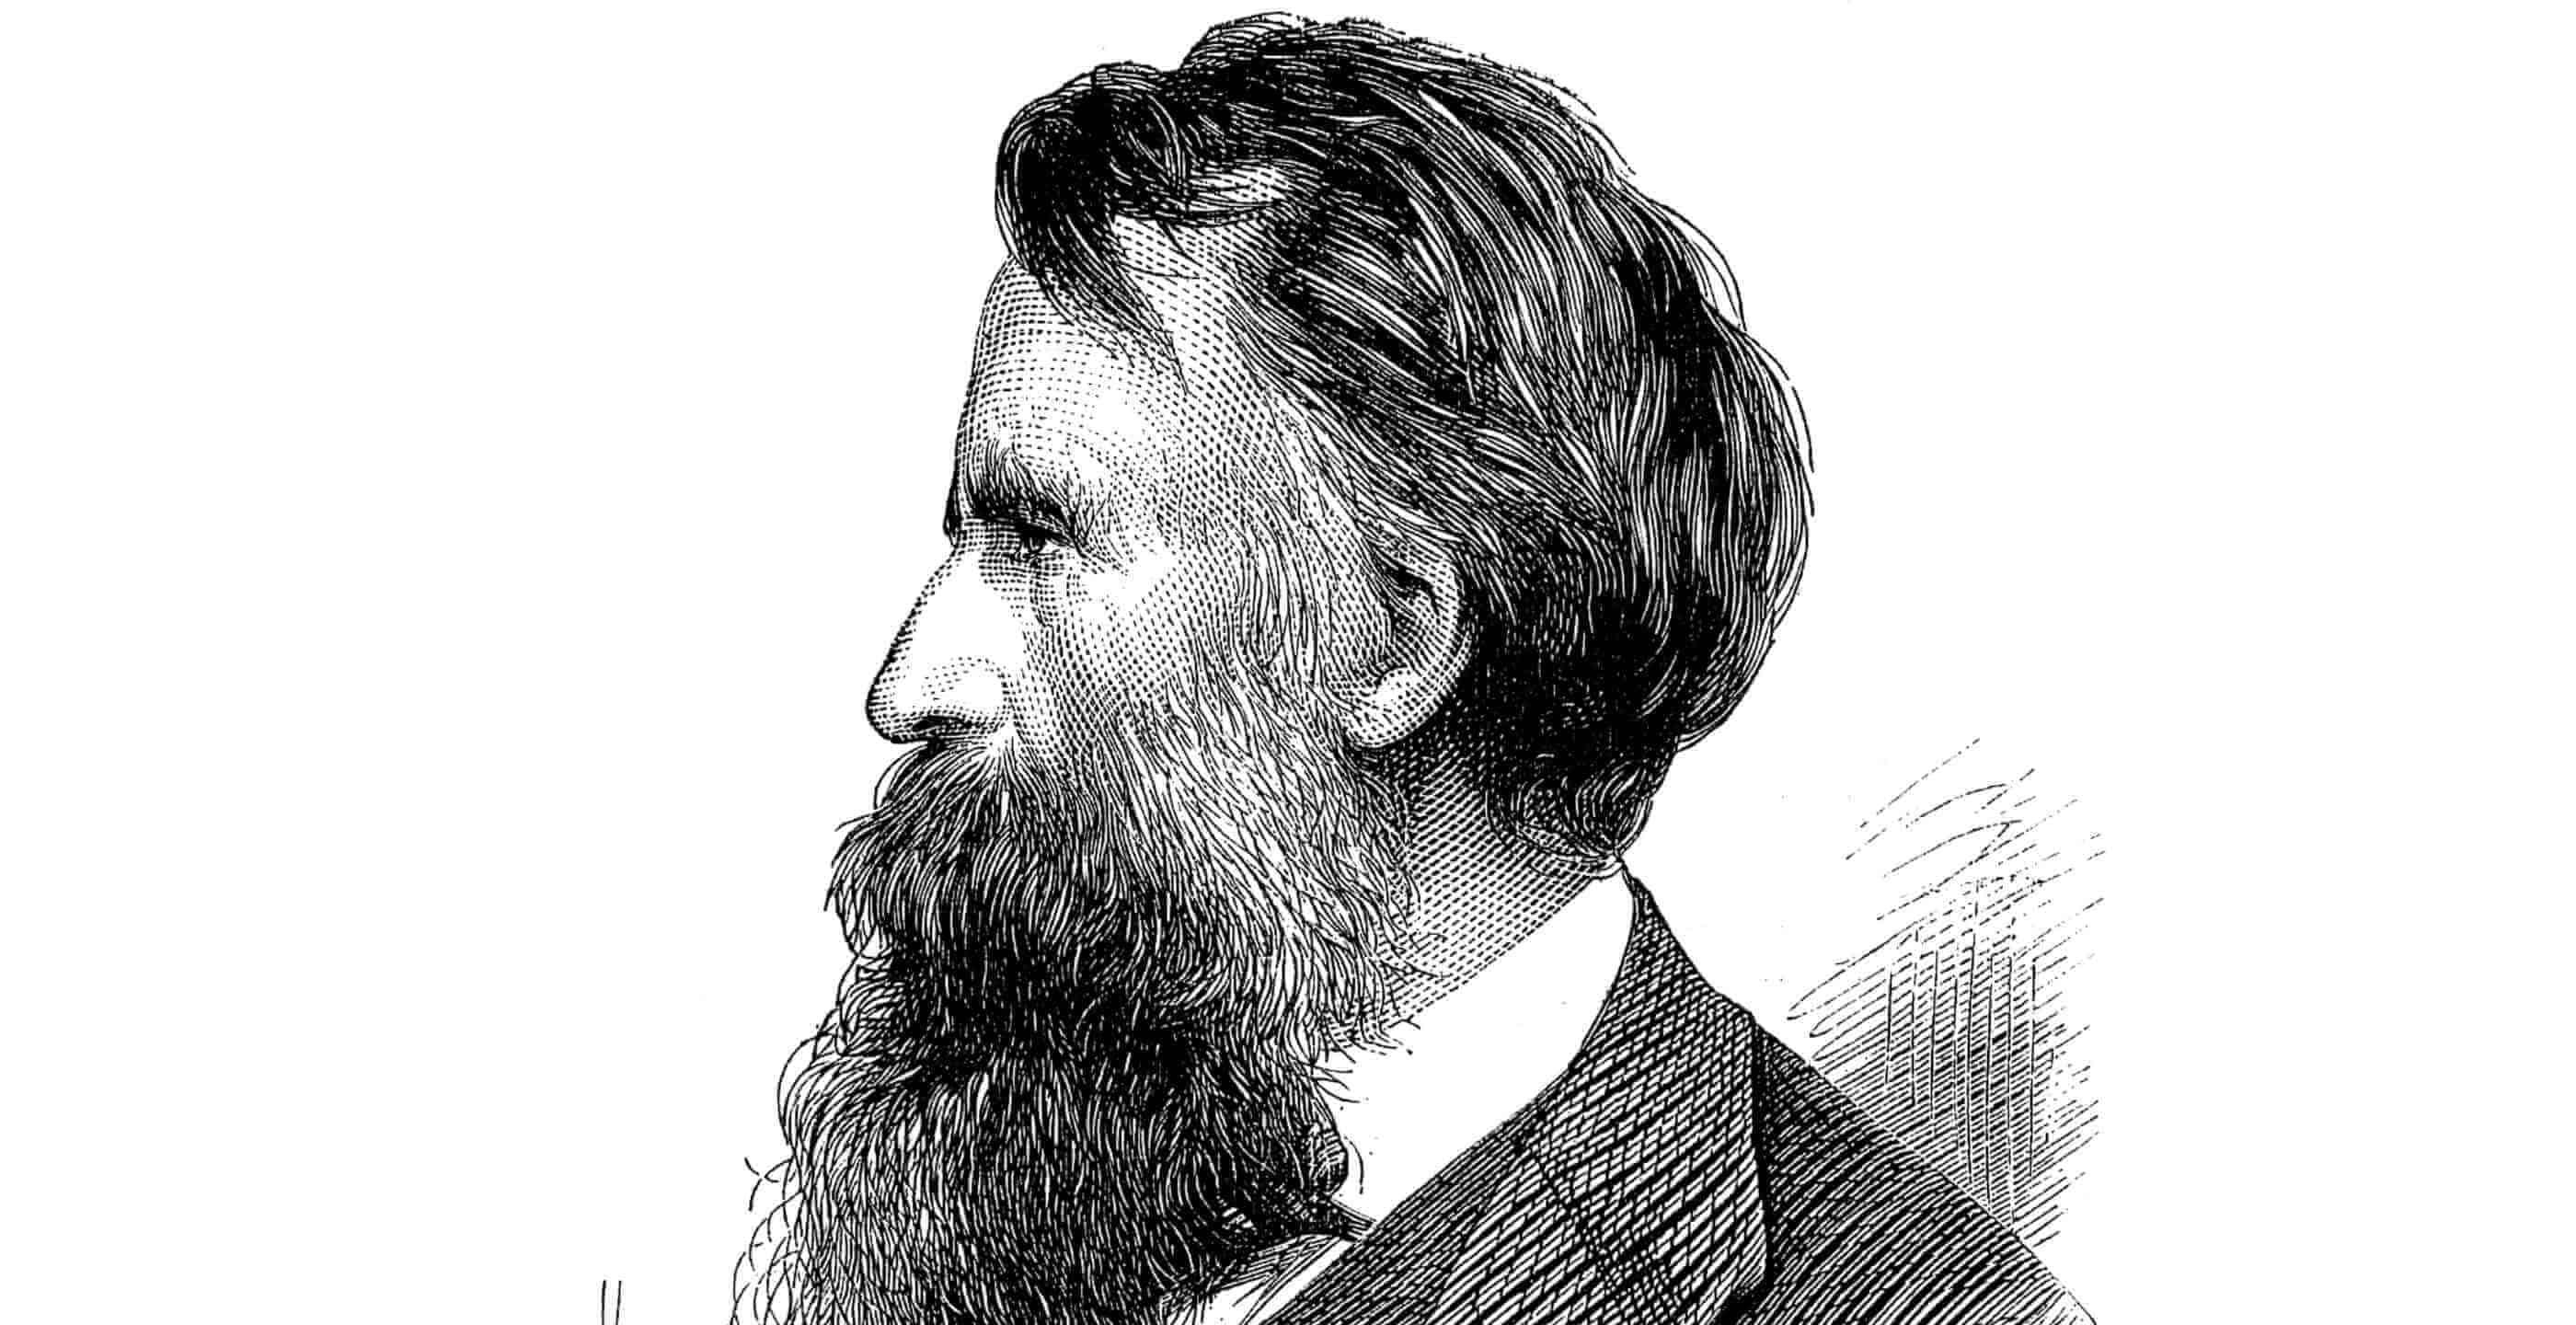 Robert William Thomson Scotlands forgotten inventor